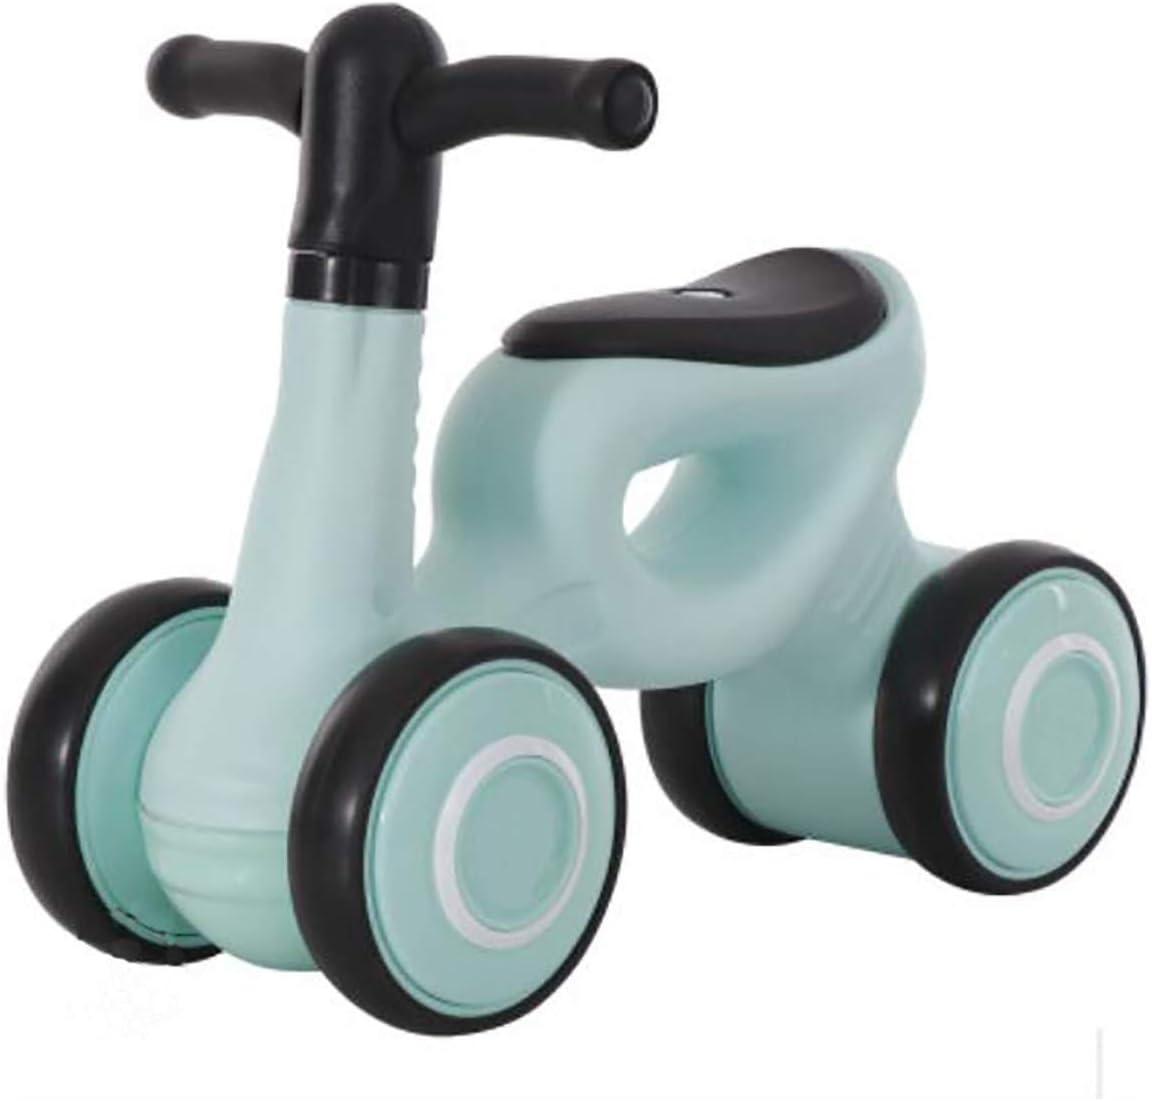 GSAGJyec Baby Balance Bicicleta Bicicleta Paseo en juguetes 1 año de edad Caminante de bebé 6-24 meses Sin pedal 4 ruedas Niño pequeño Bebé Infantil Primer cumpleaños Acción de gracias Interior al air